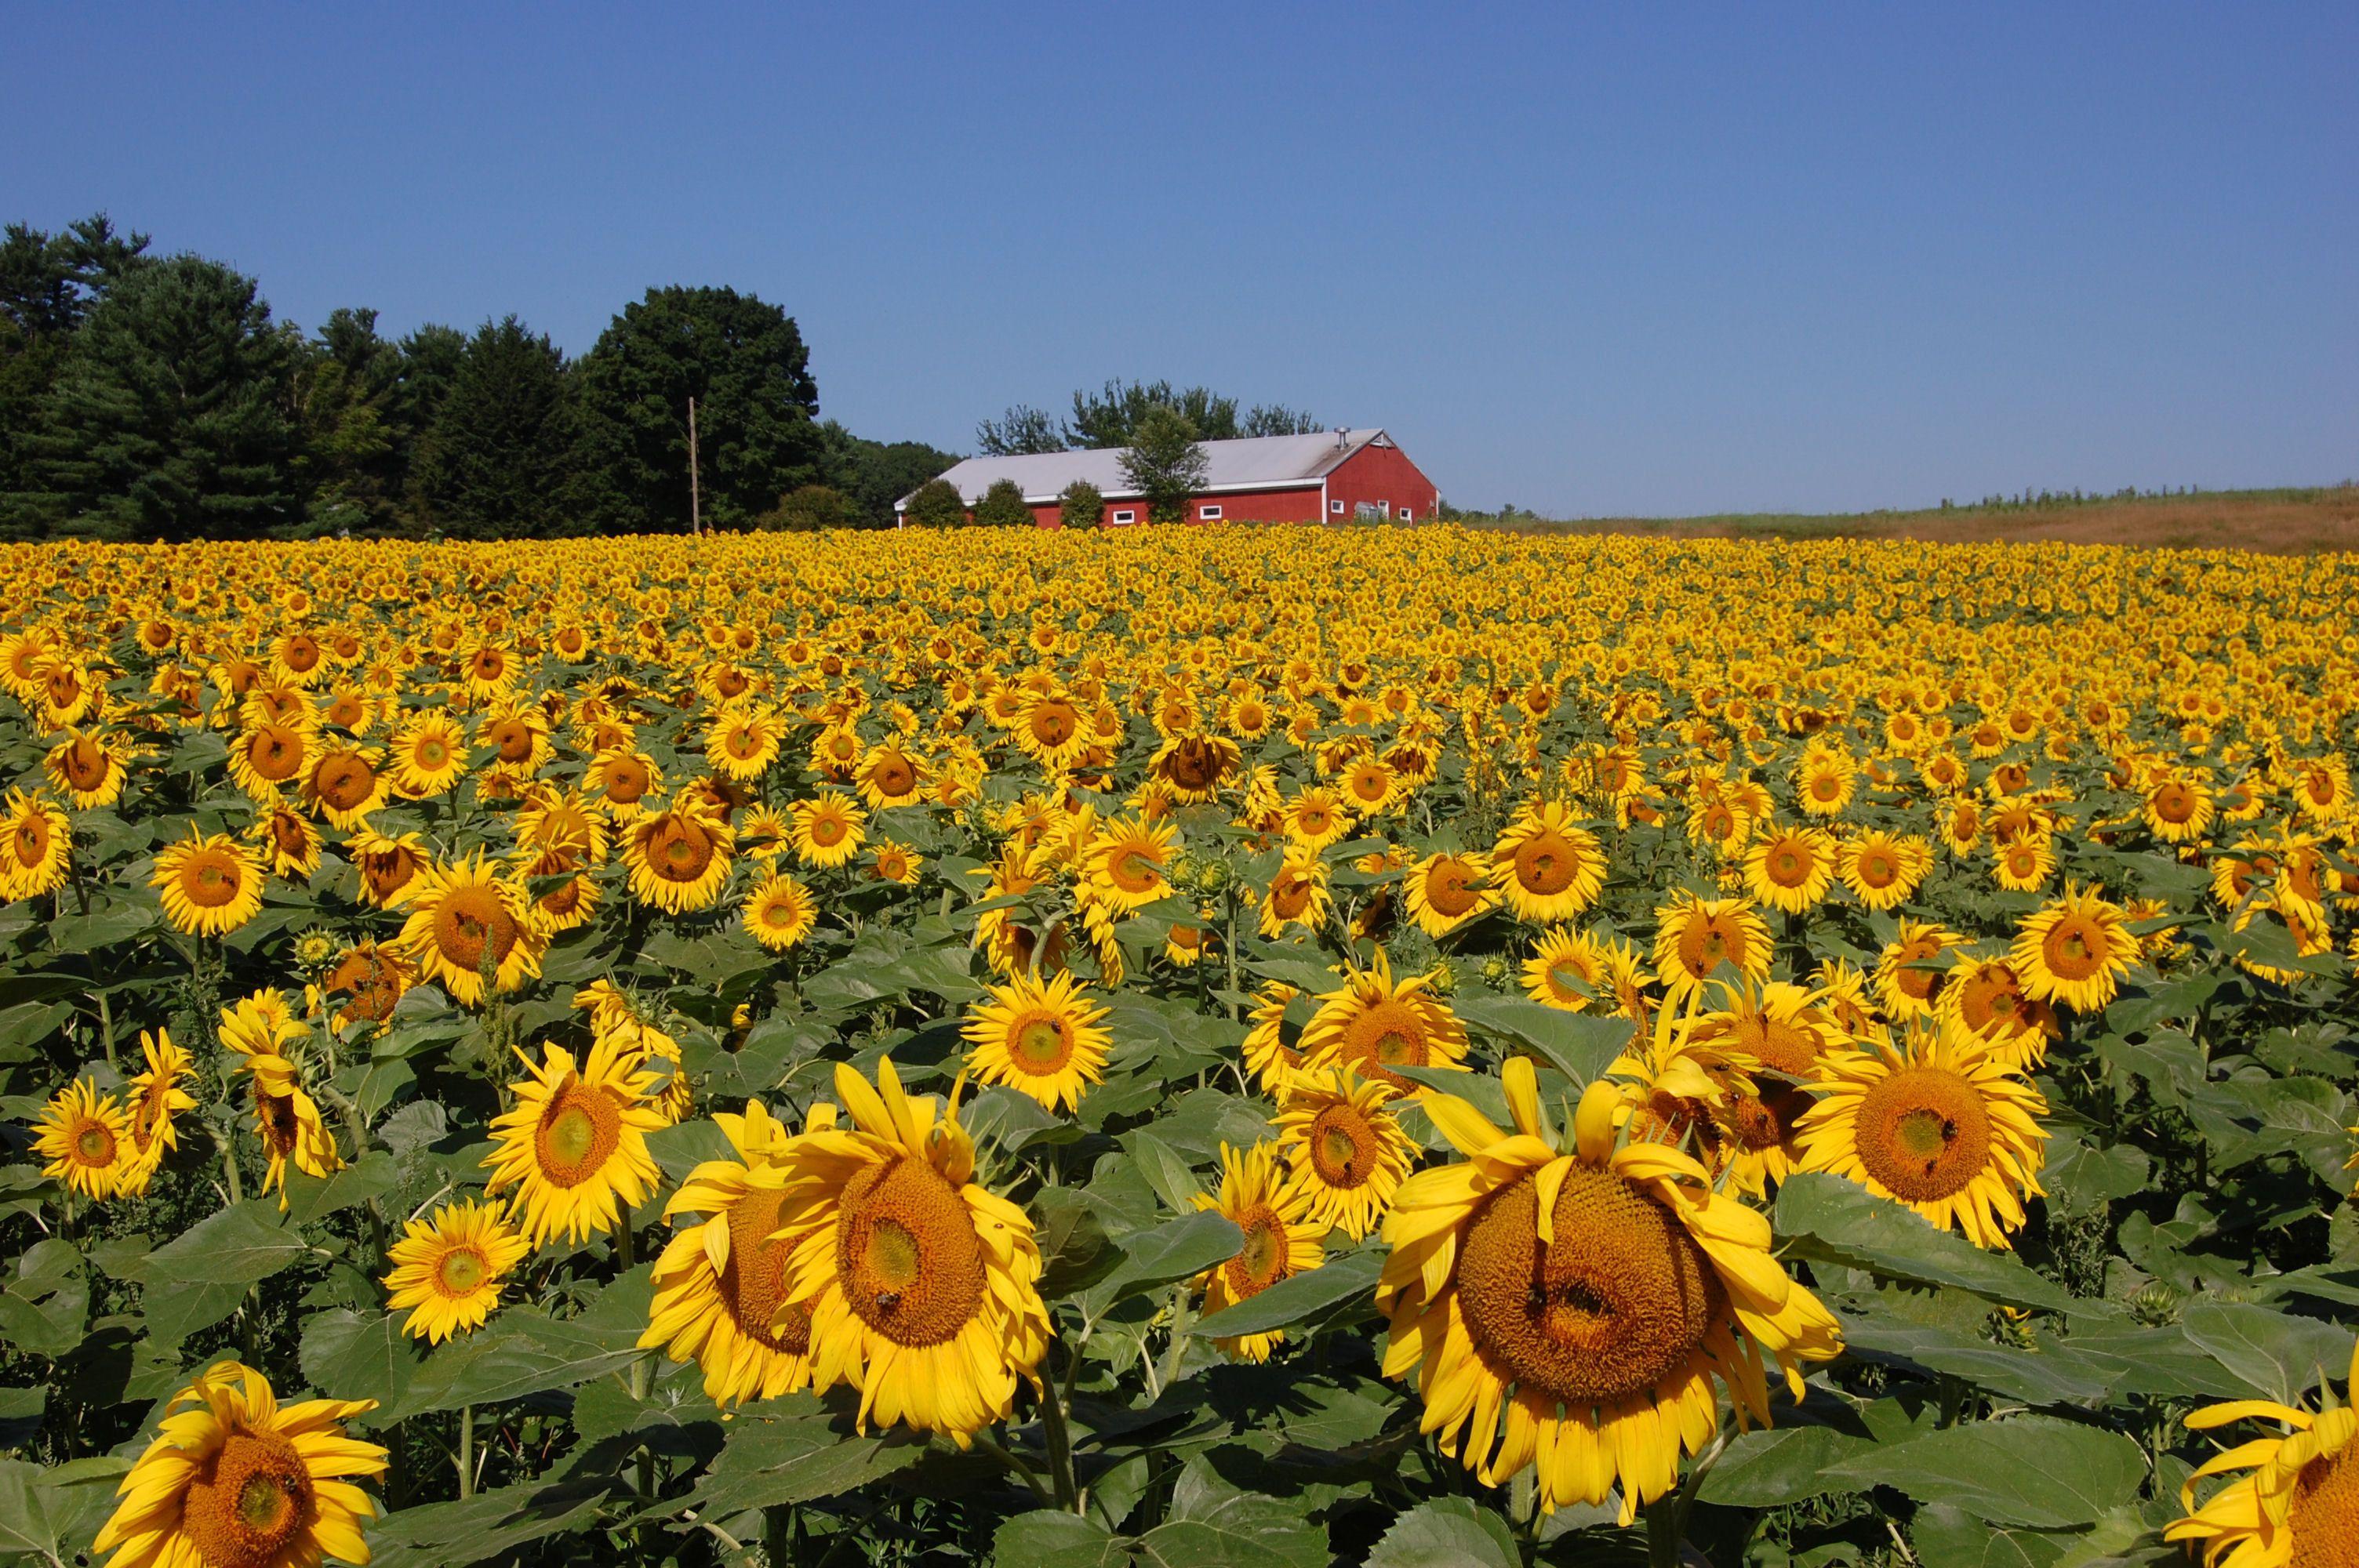 Sunflower field | Photography | Pinterest